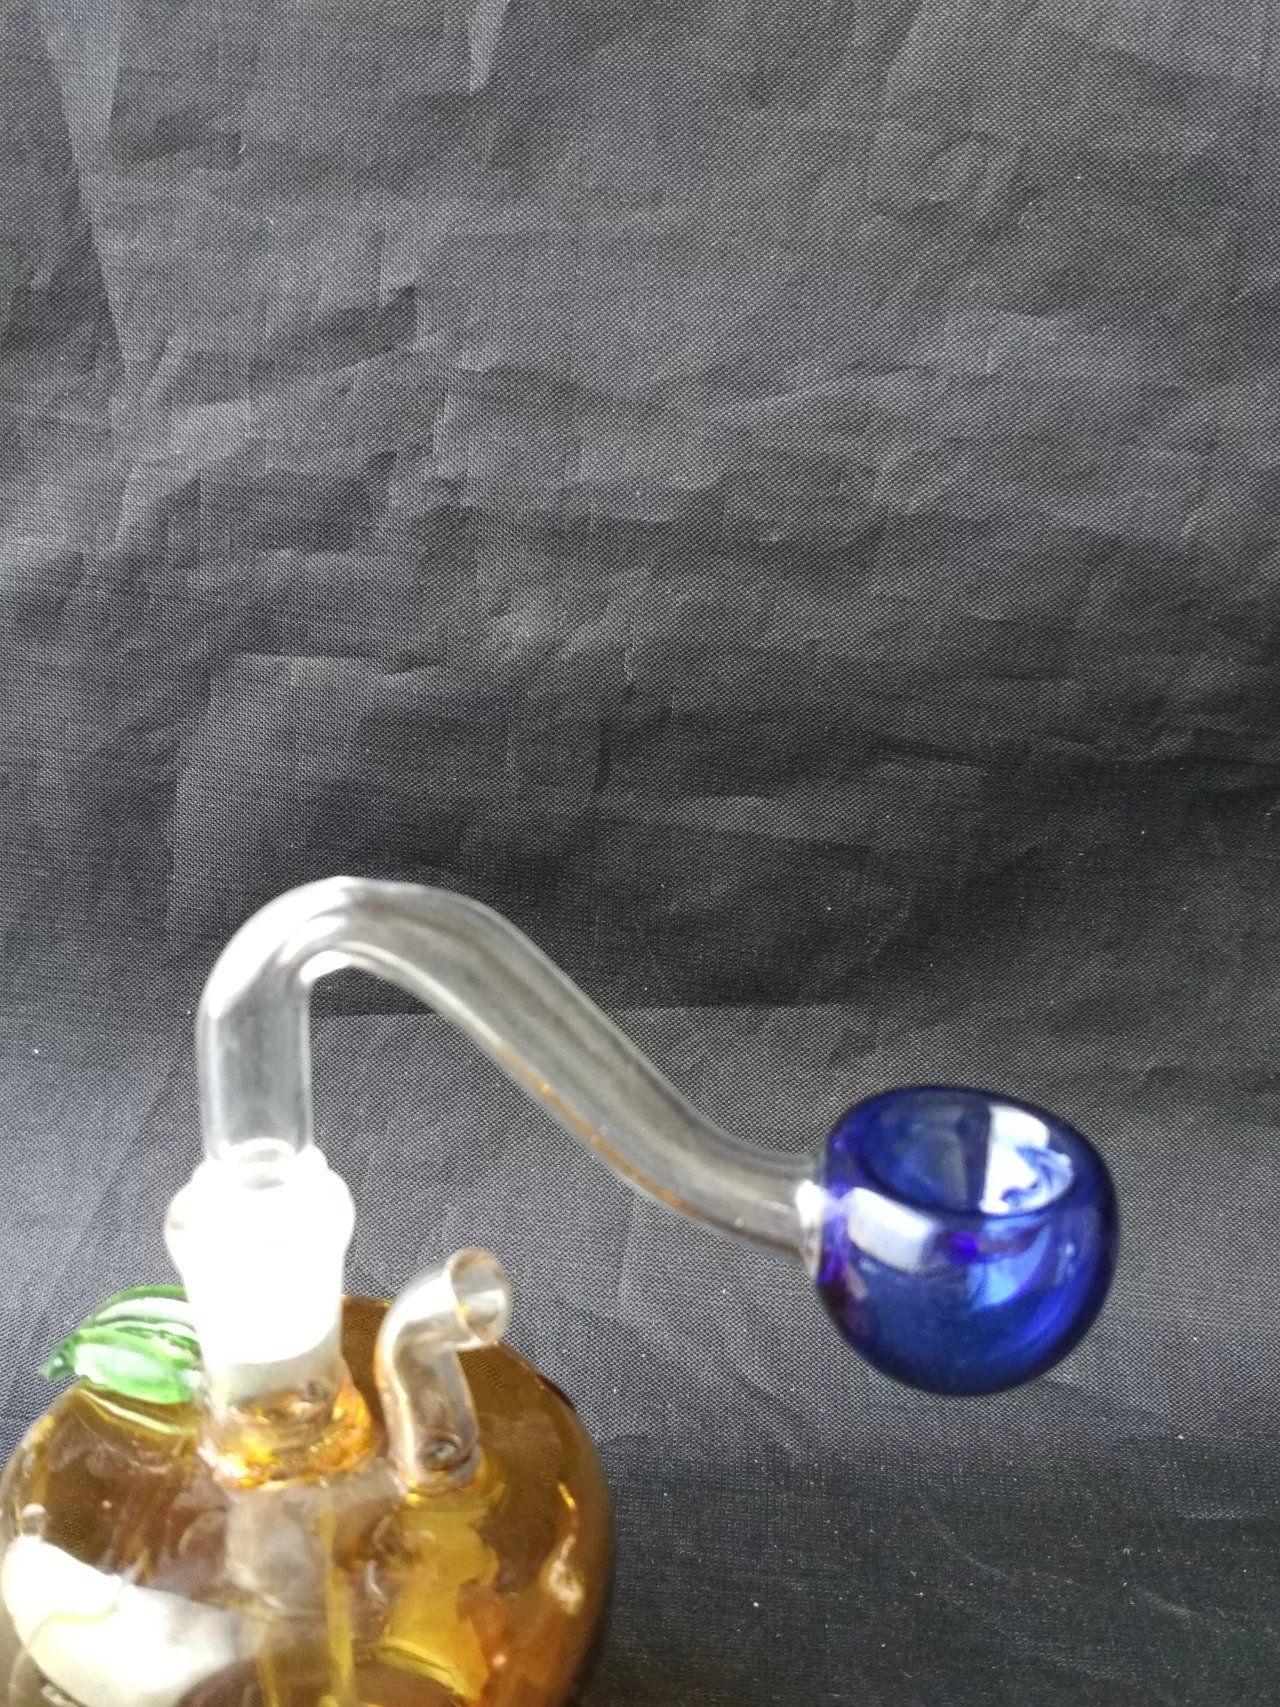 S fovea Gros bongs Brûleur à l'huile Tuyaux D'eau Pipes Verre Pipe Huile Rigs Fumer, Livraison Gratuite